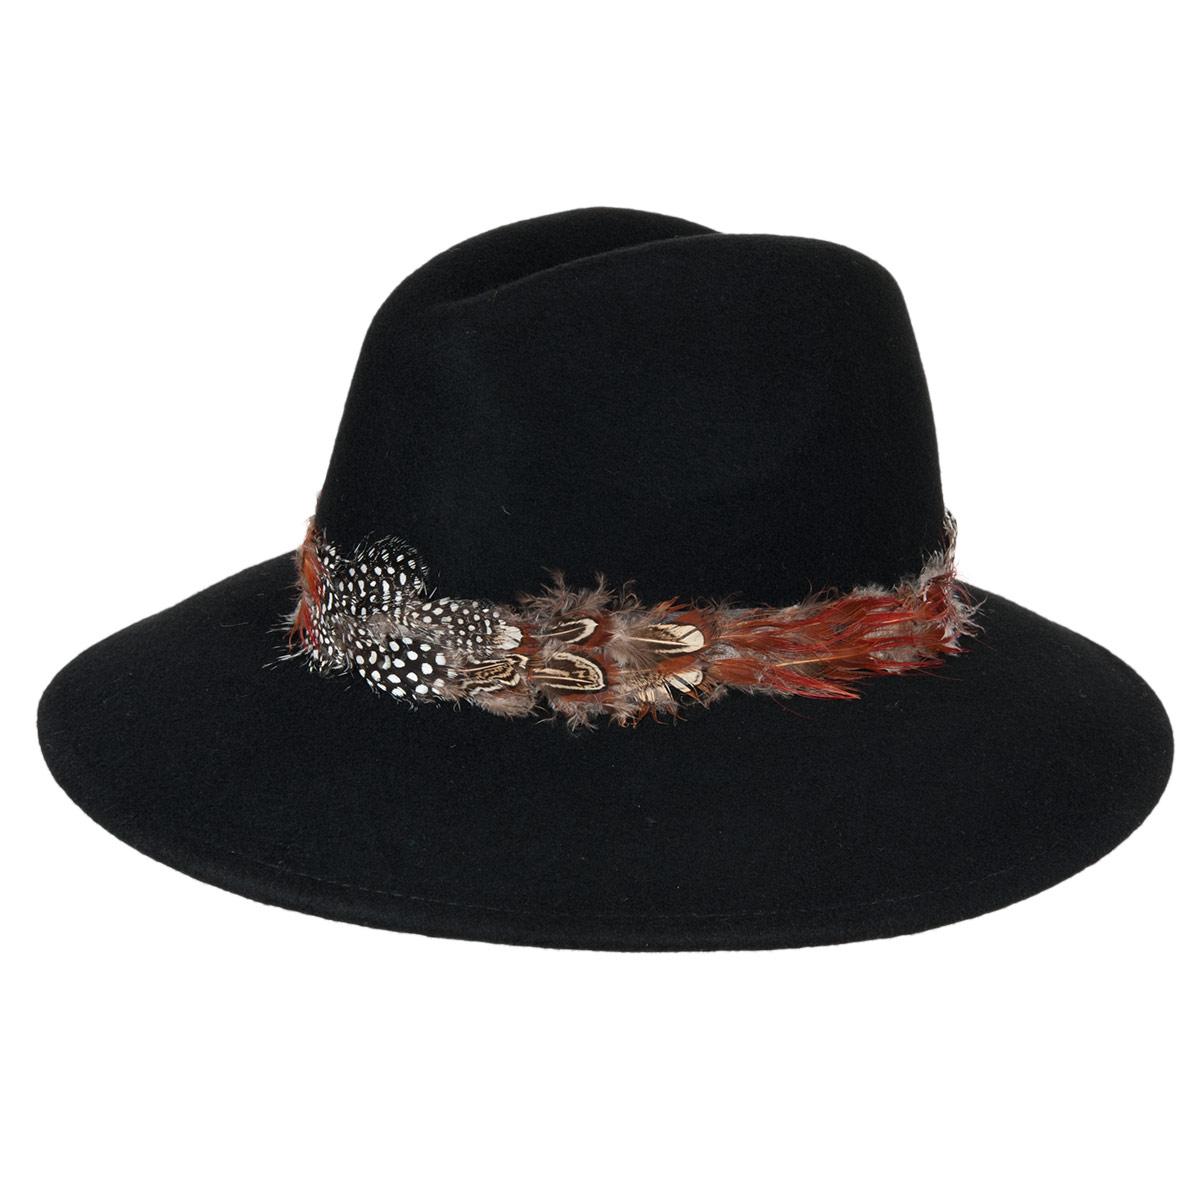 cappello in feltro di lana da donna decorato con piume a50a1f1c066b